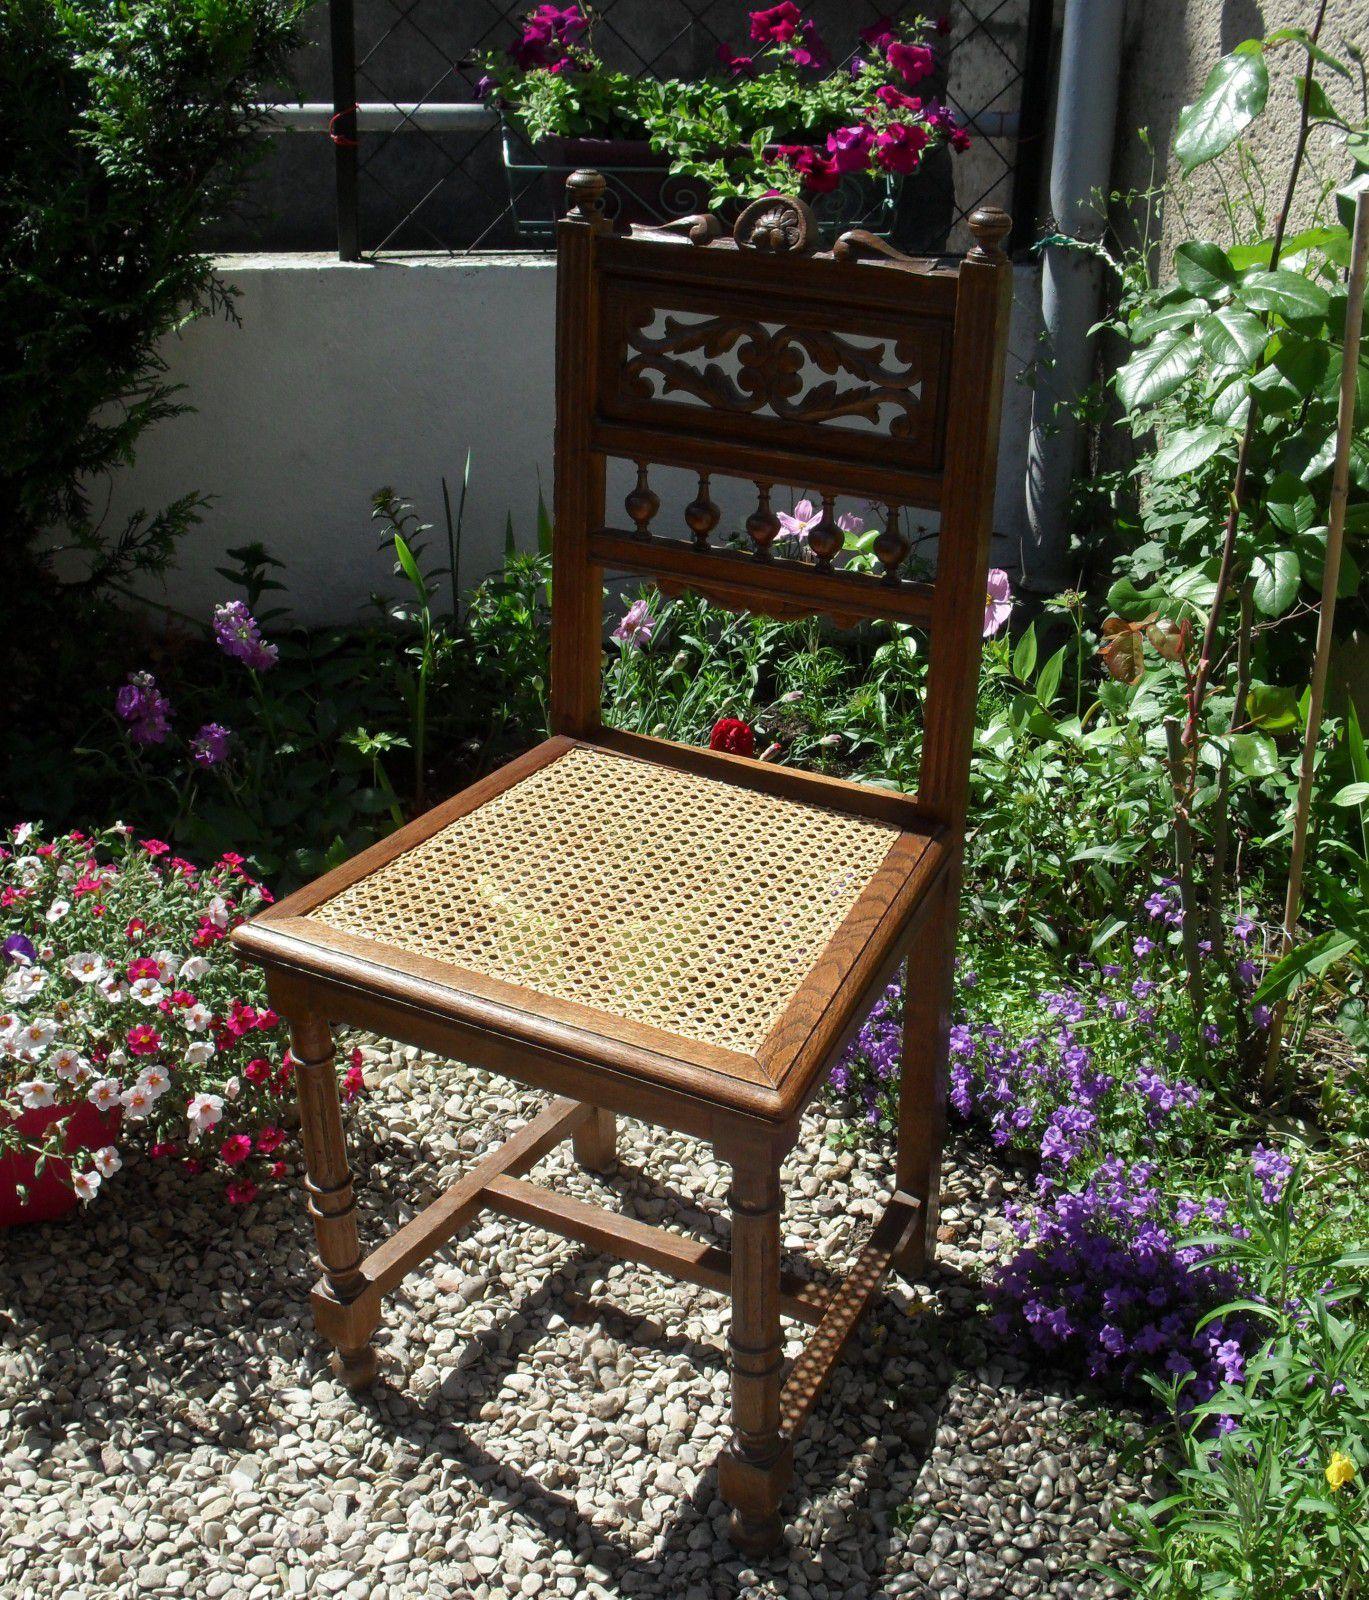 chaises, tabouret, fauteuils, banquettes, cabriolets en cannage français fait main par JADIS